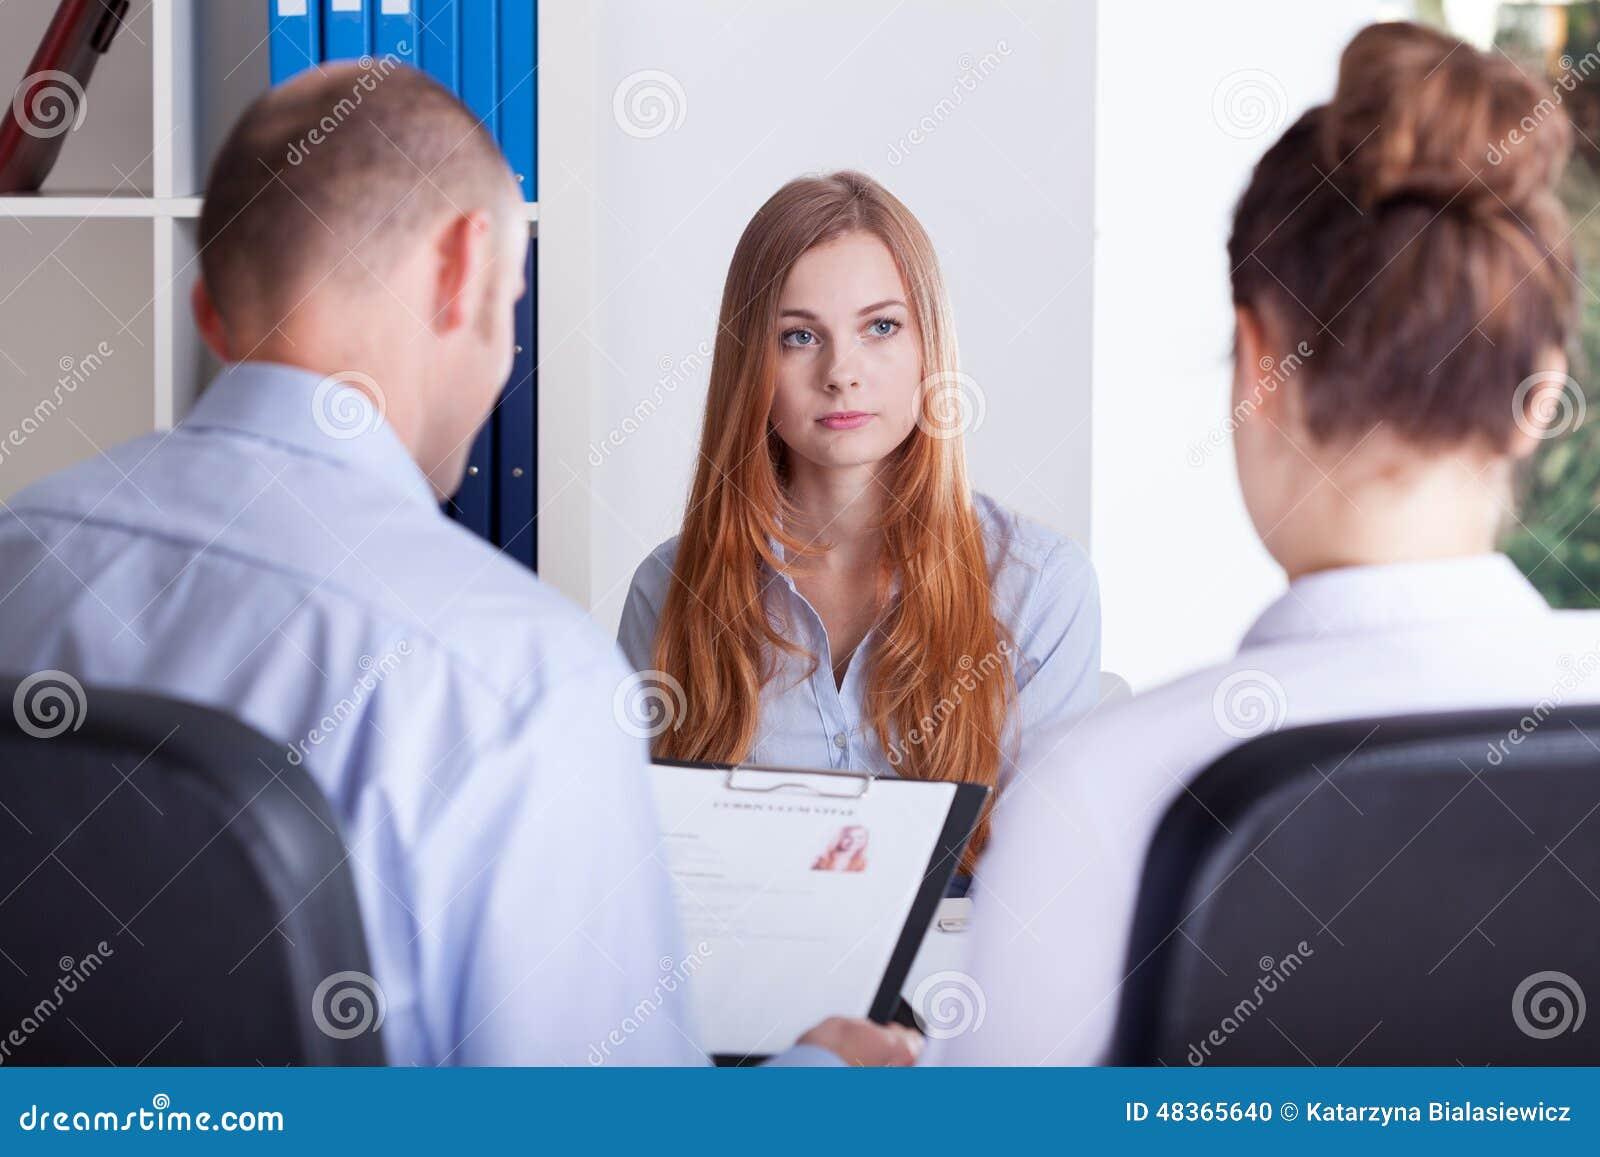 Собеседование на работу девушек куда устроиться на работу девушке без образования